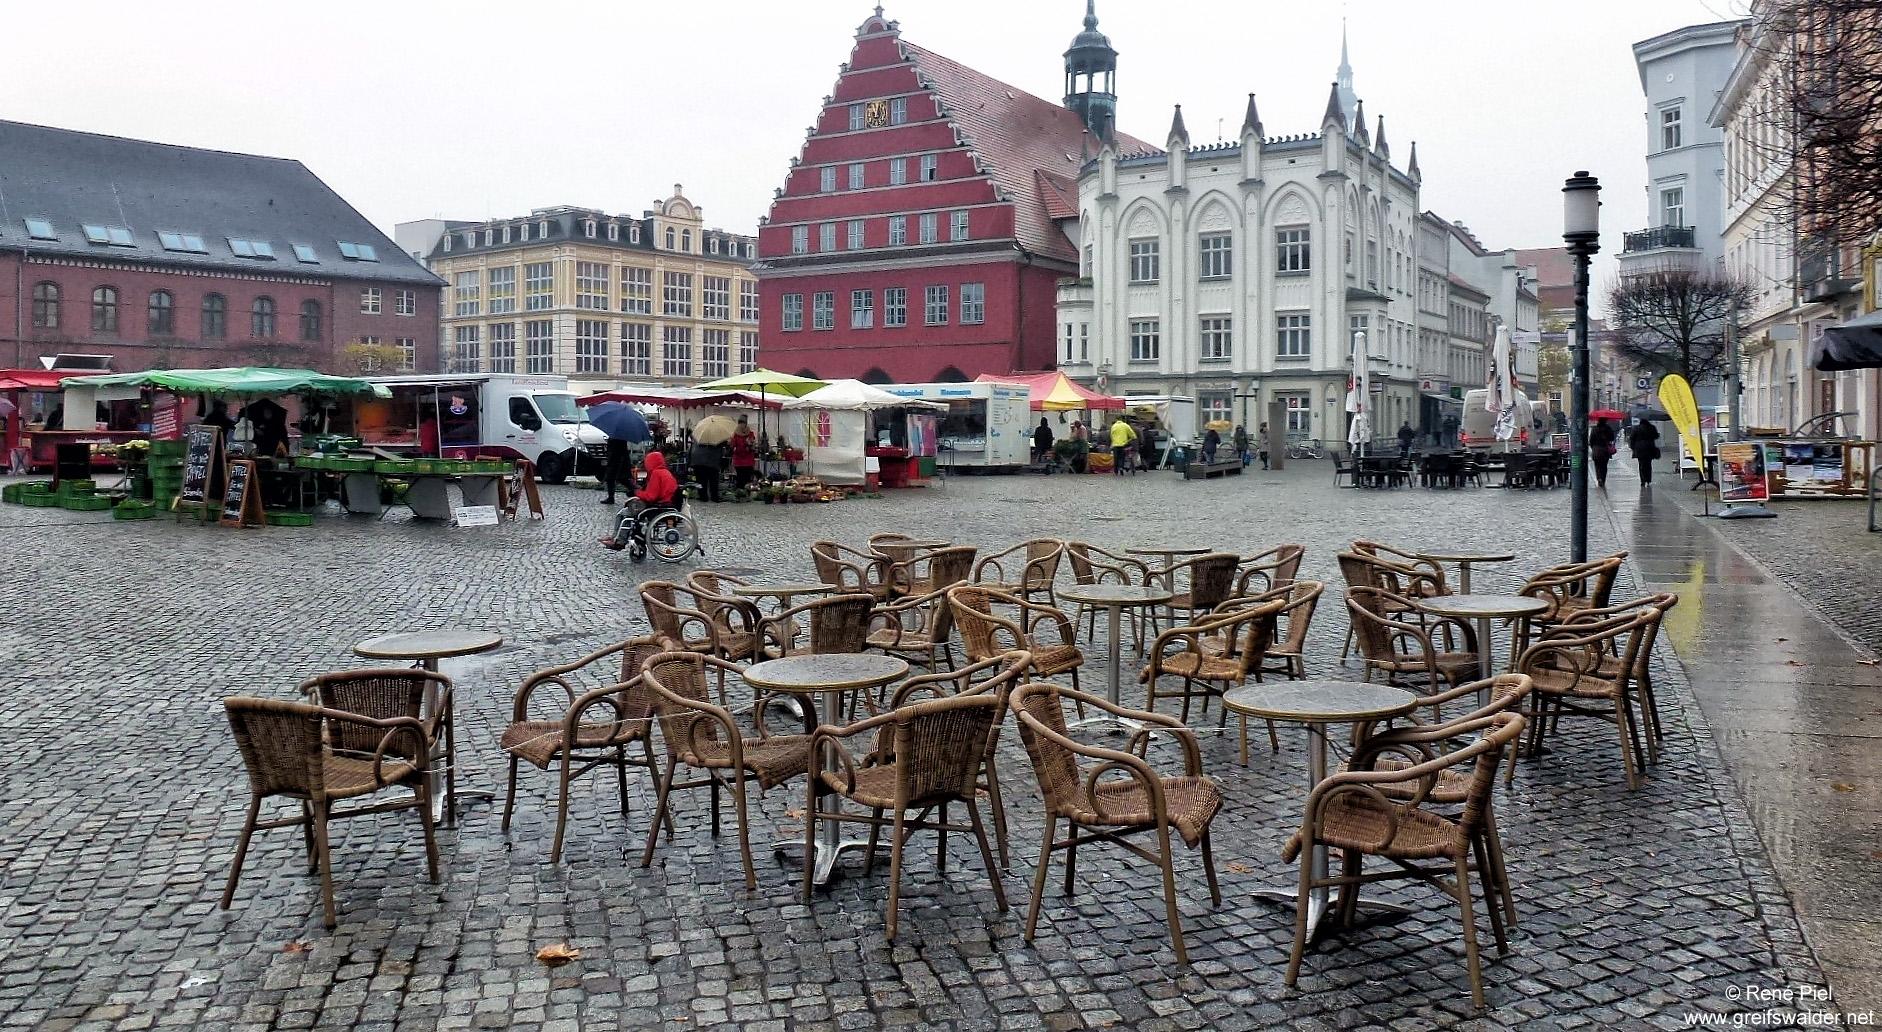 Marktplatz Greifswald im Regen